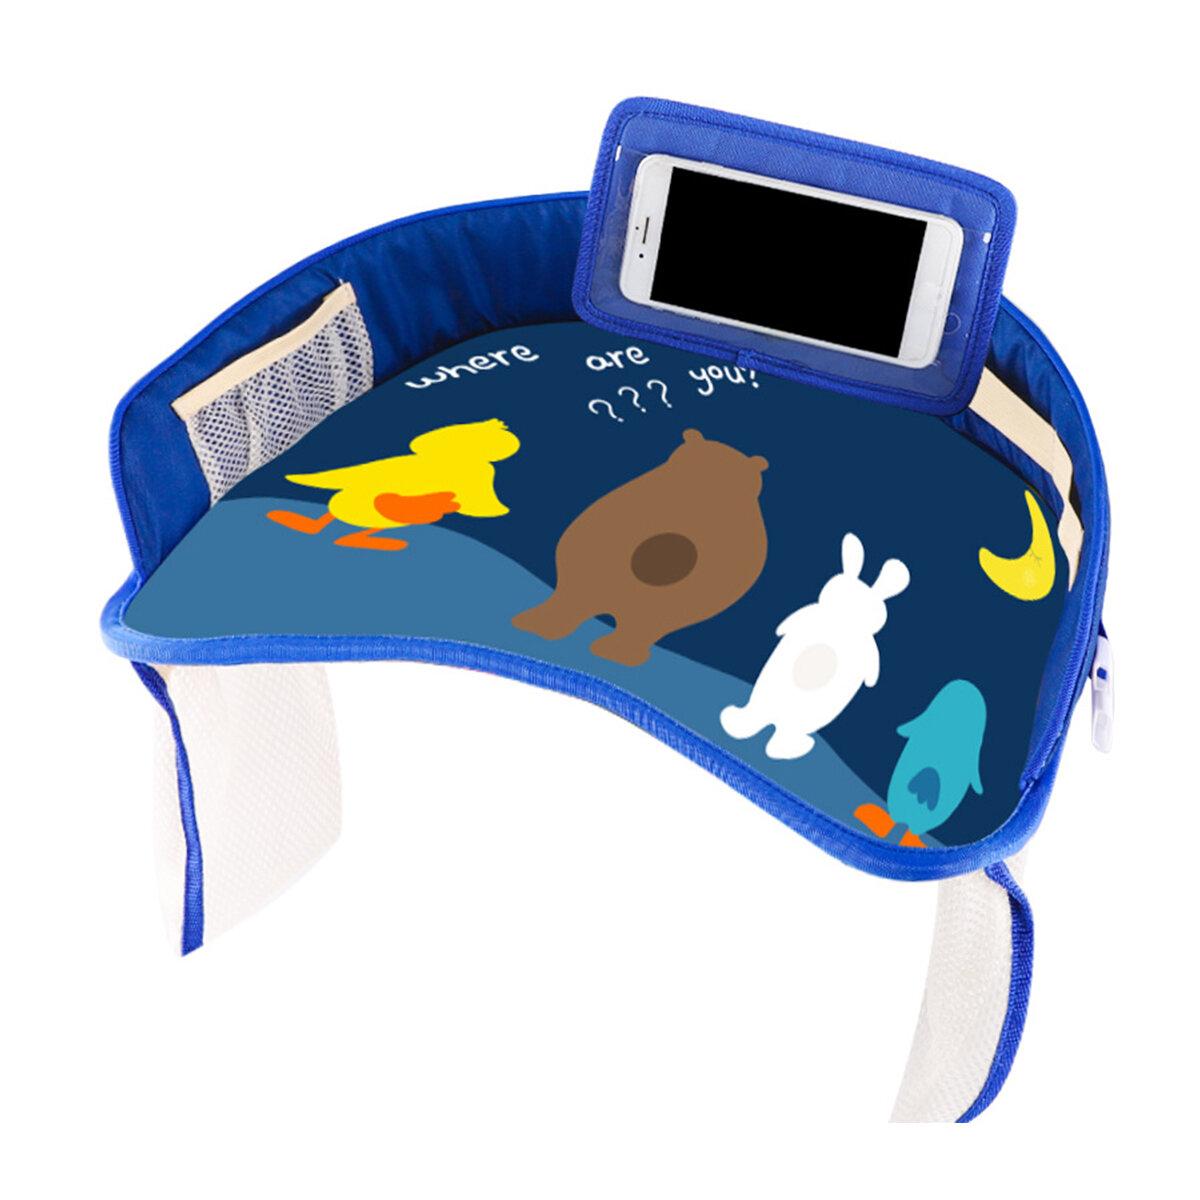 Multifunctionele Draagbare Cartoon Baby Kind Autostoeltje Tafel Lade Gsm-houder Kinderen Speelgoed Eten Drinken Tafel